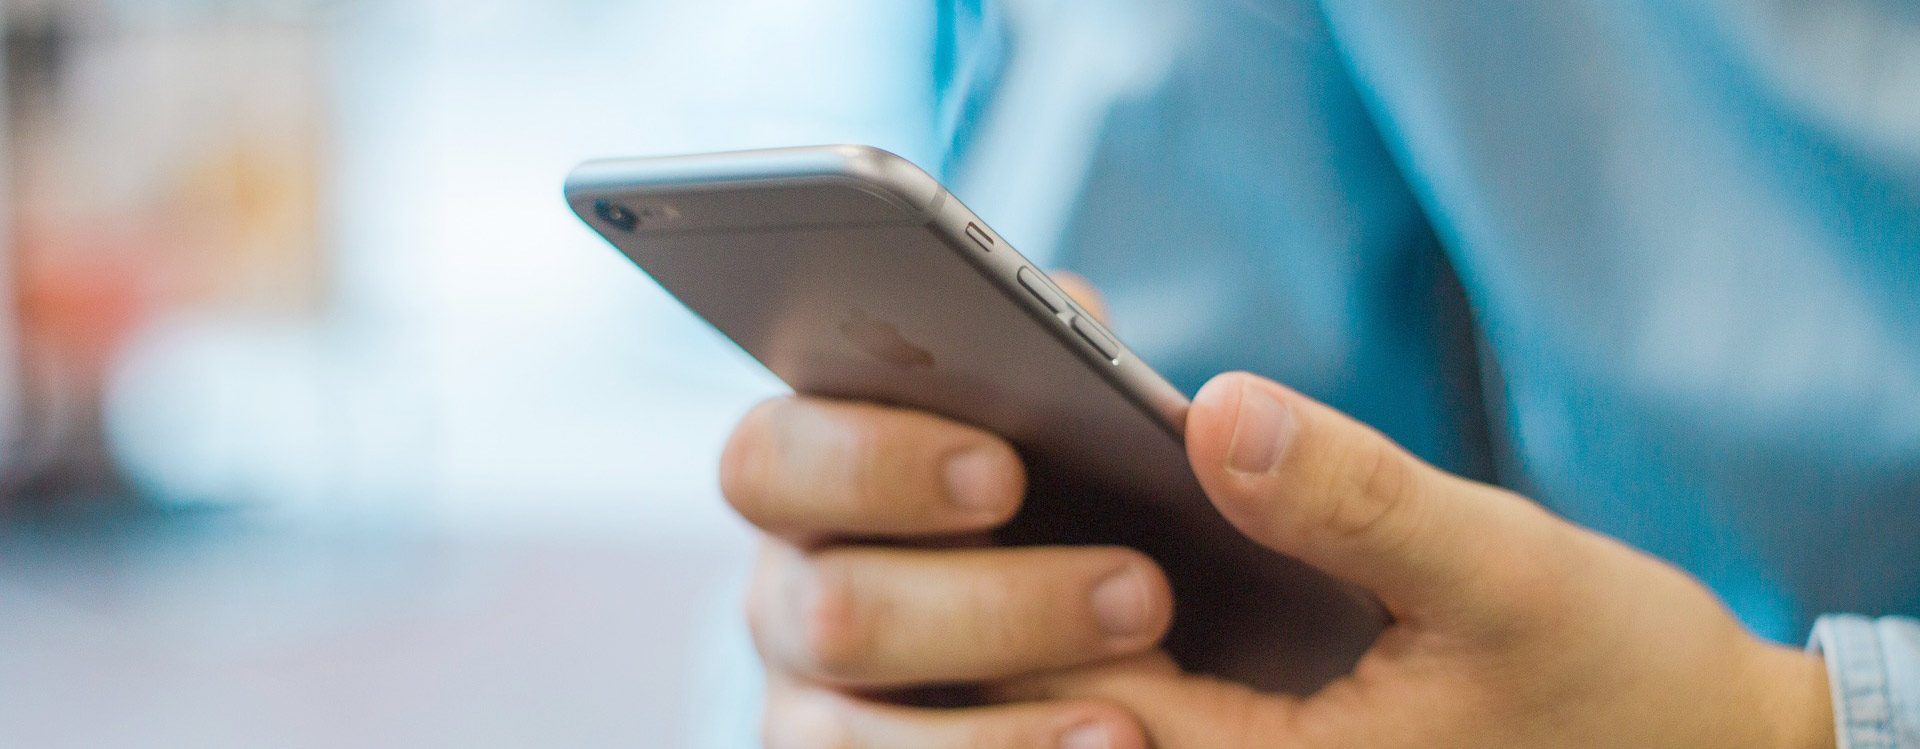 Smartphone Reparatur Fürth